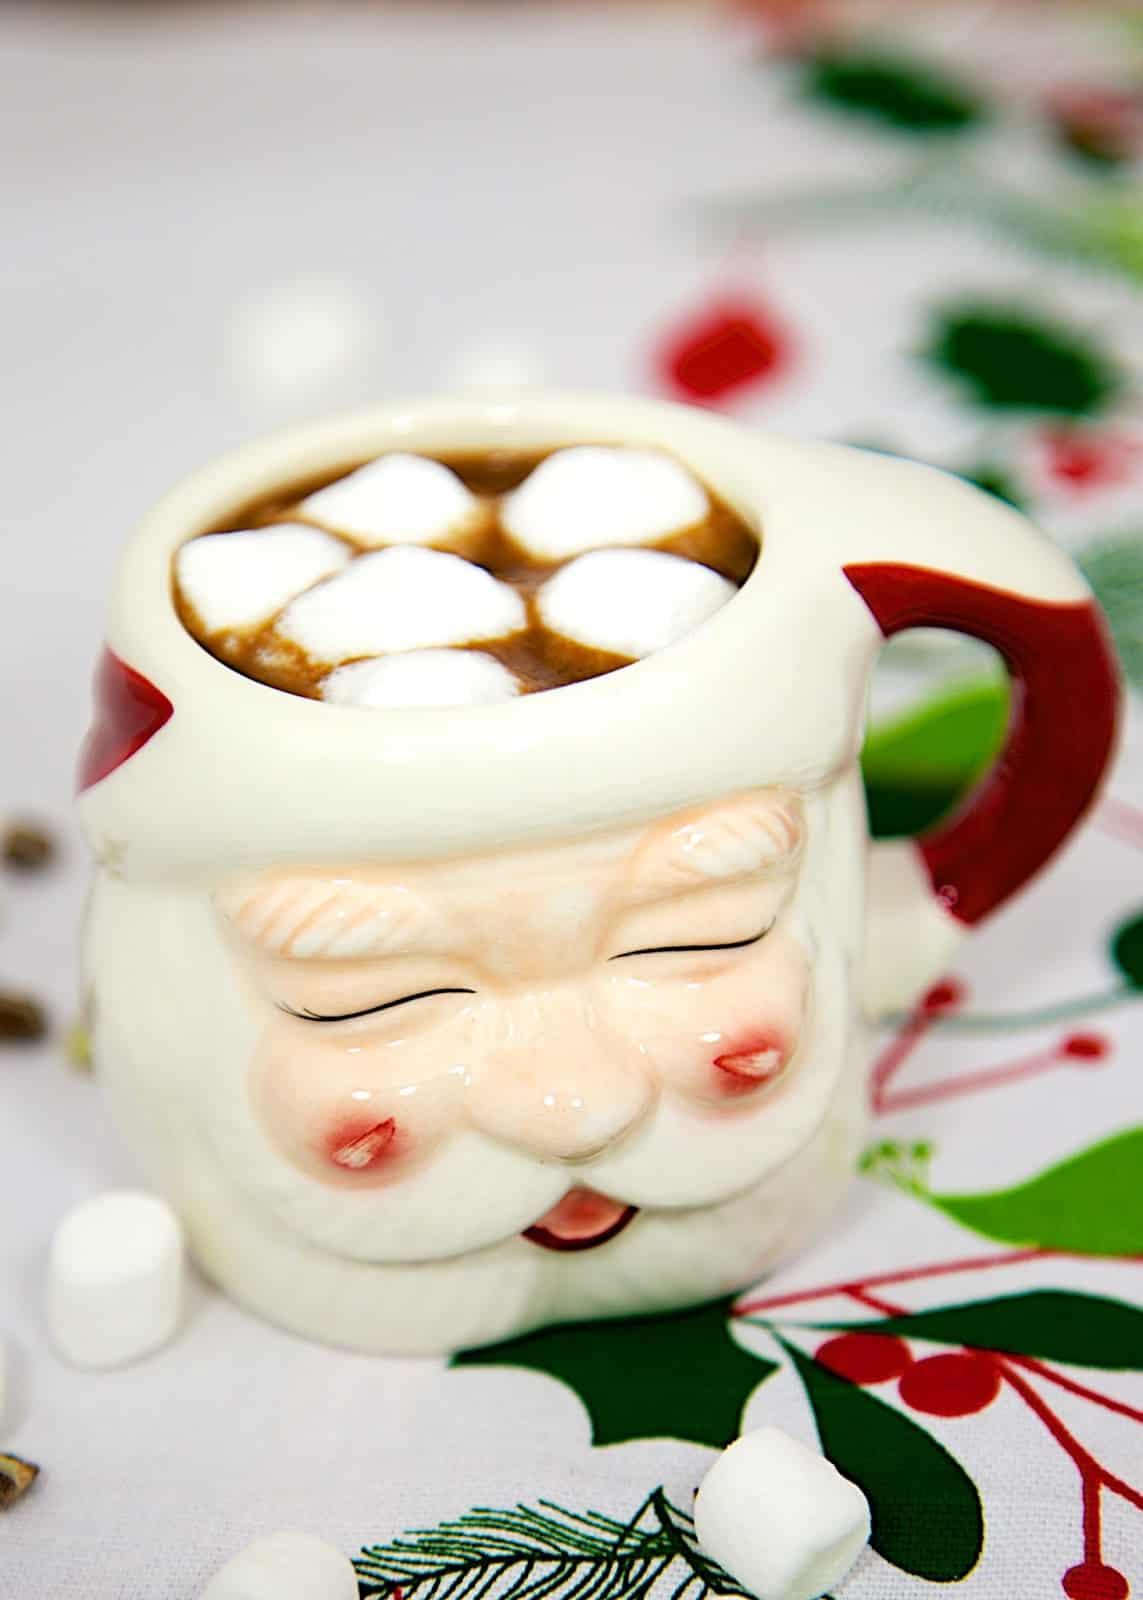 Rumchata Hot Chocolate - Hotchata